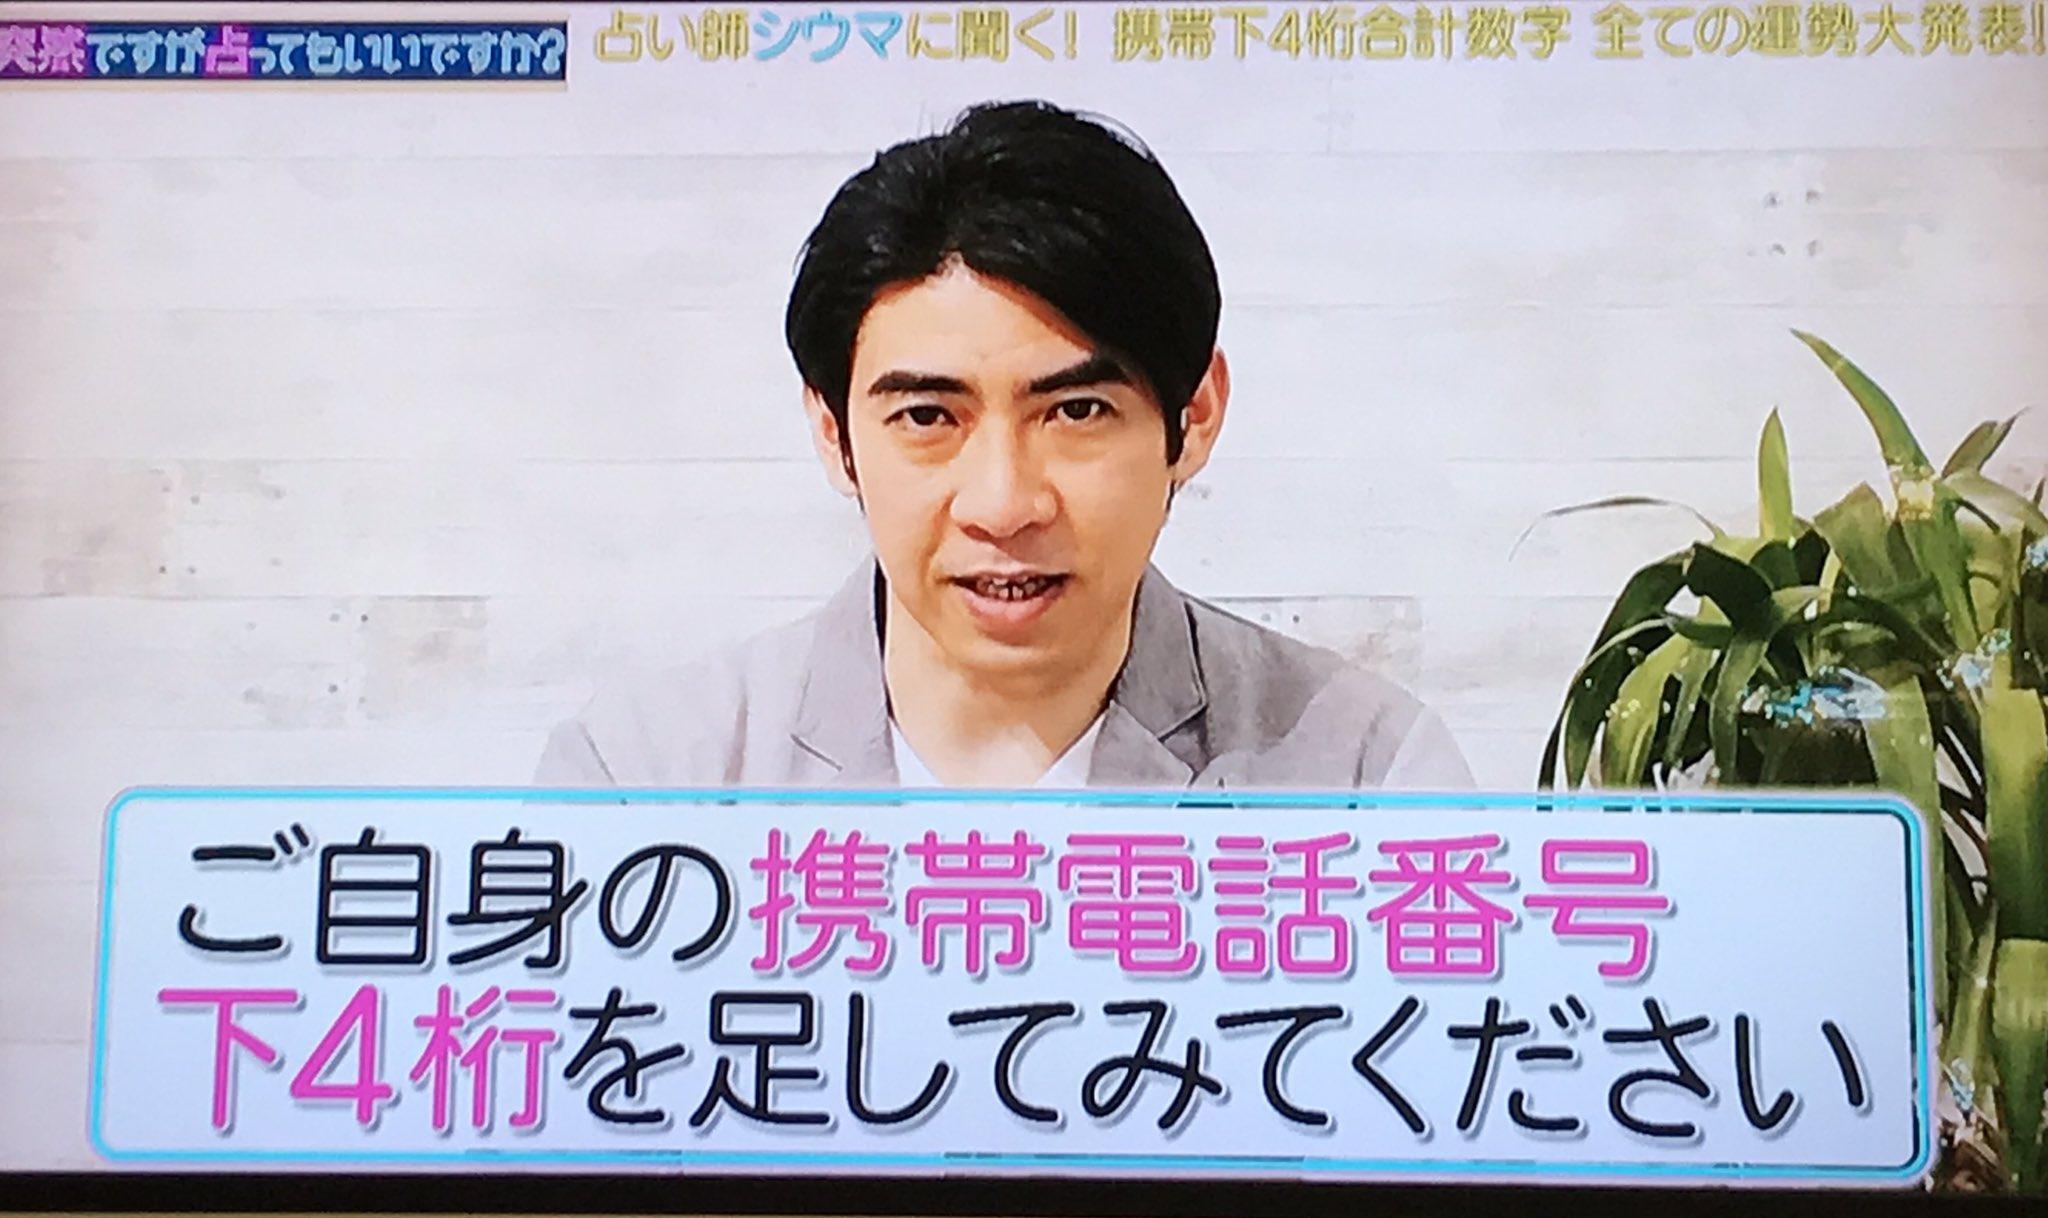 携帯番号占い【シウマ】下4ケタ合計する方法!運勢一覧公開!!